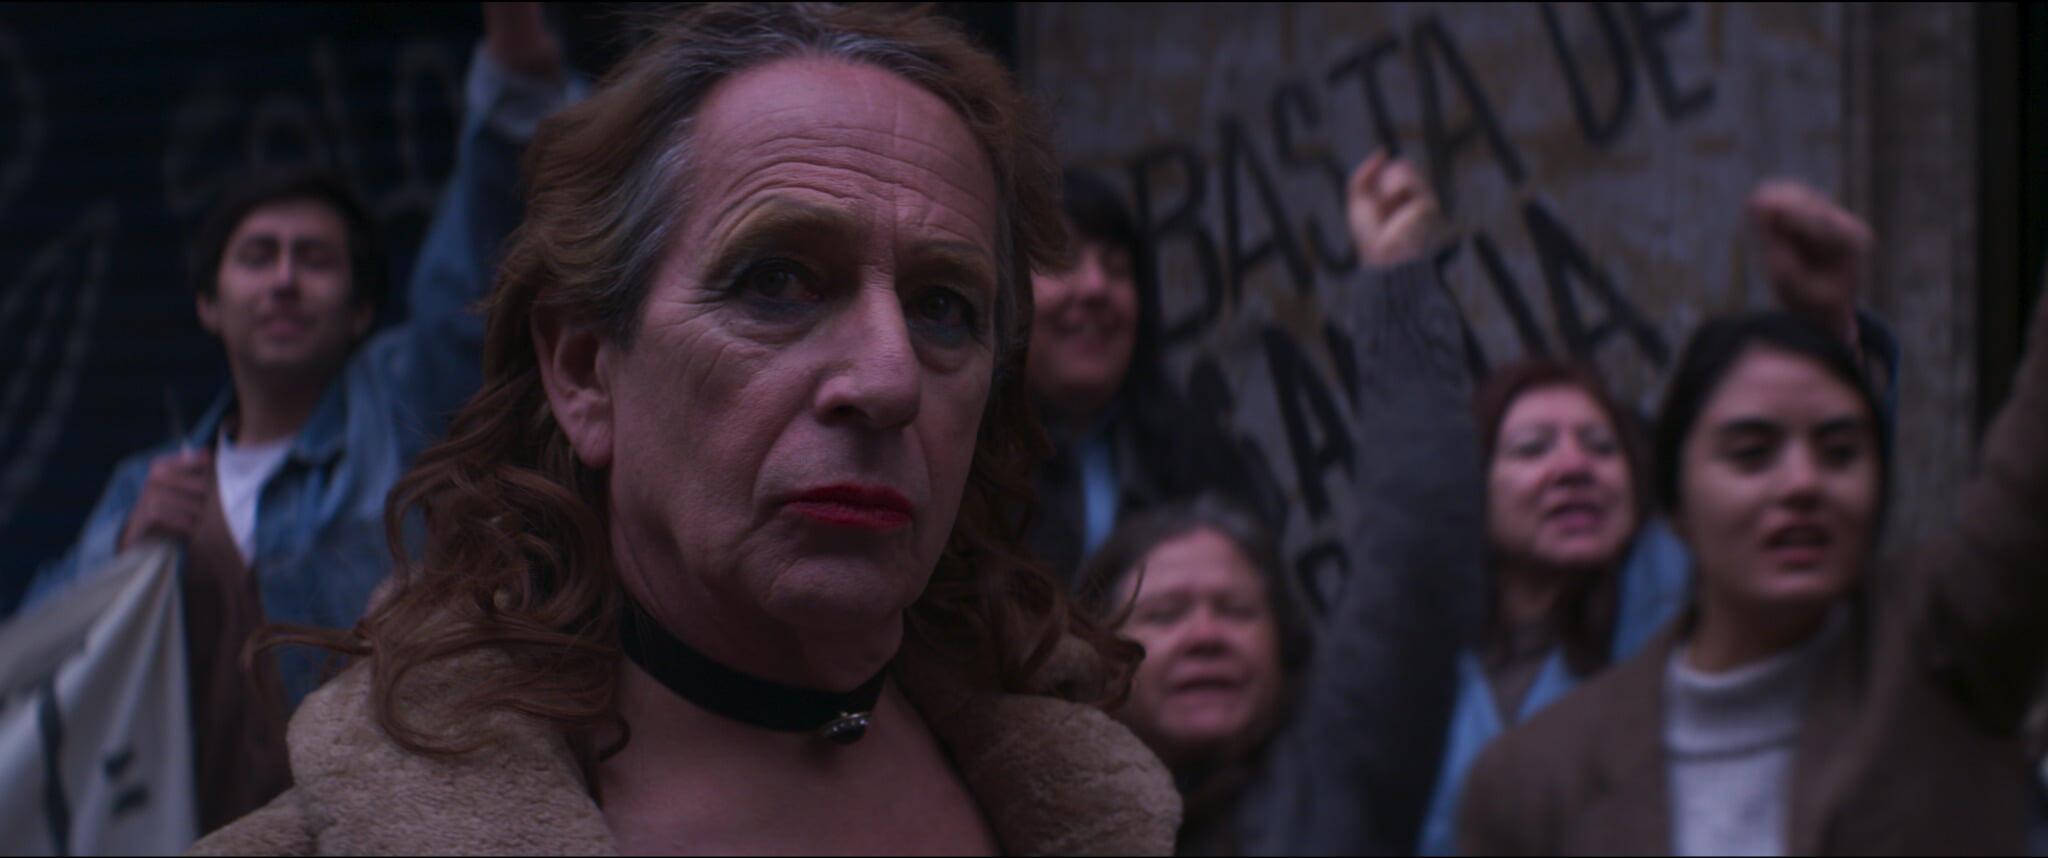 """Em """"Tengo Miedo Torero"""", filme chileno de Rodrigo Sepúlveda, o ator Alfredo Castro vive uma travesti que se envolve com um ativista em plena ditadura Pinochet."""